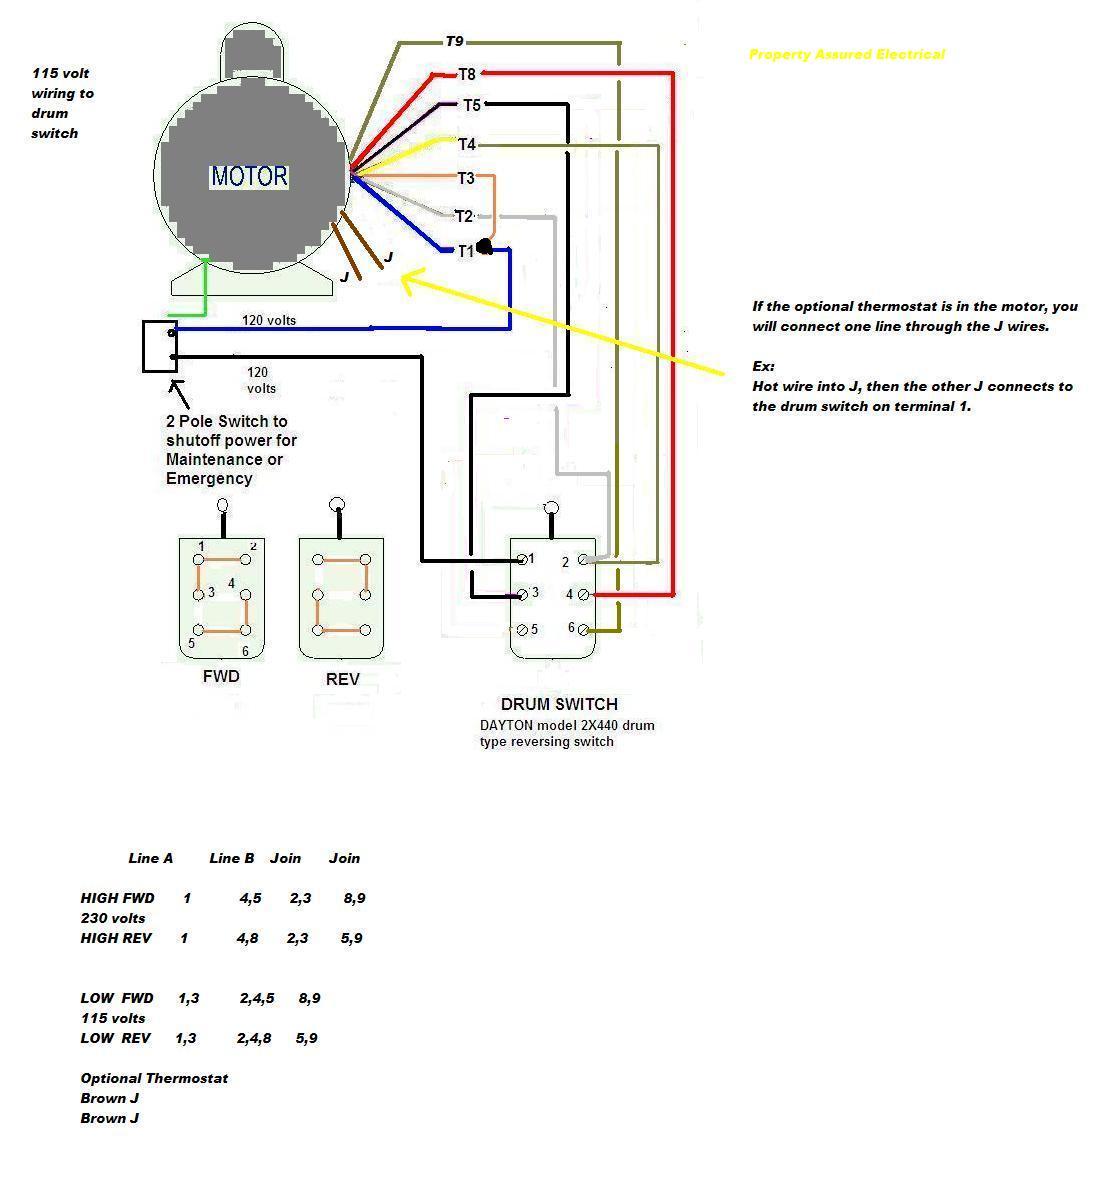 dayton motor wiring diagram. Black Bedroom Furniture Sets. Home Design Ideas